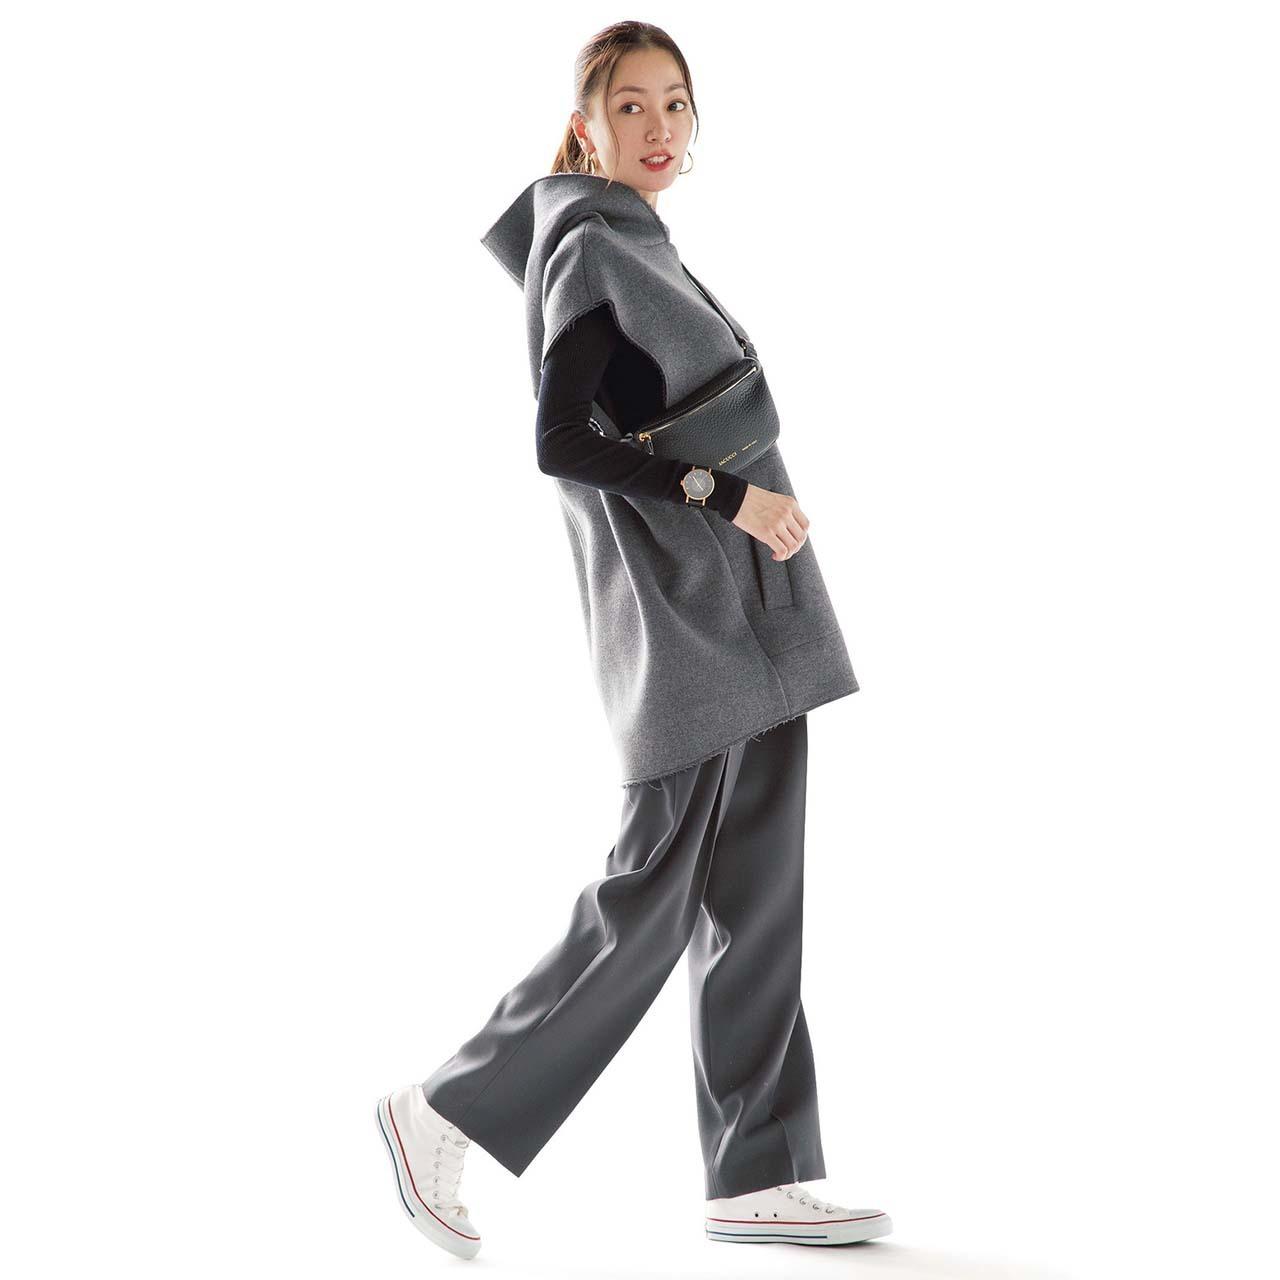 プルオーバー×パンツ×コンバースの白スニーカーコーデを着たモデルの内田ナナさん